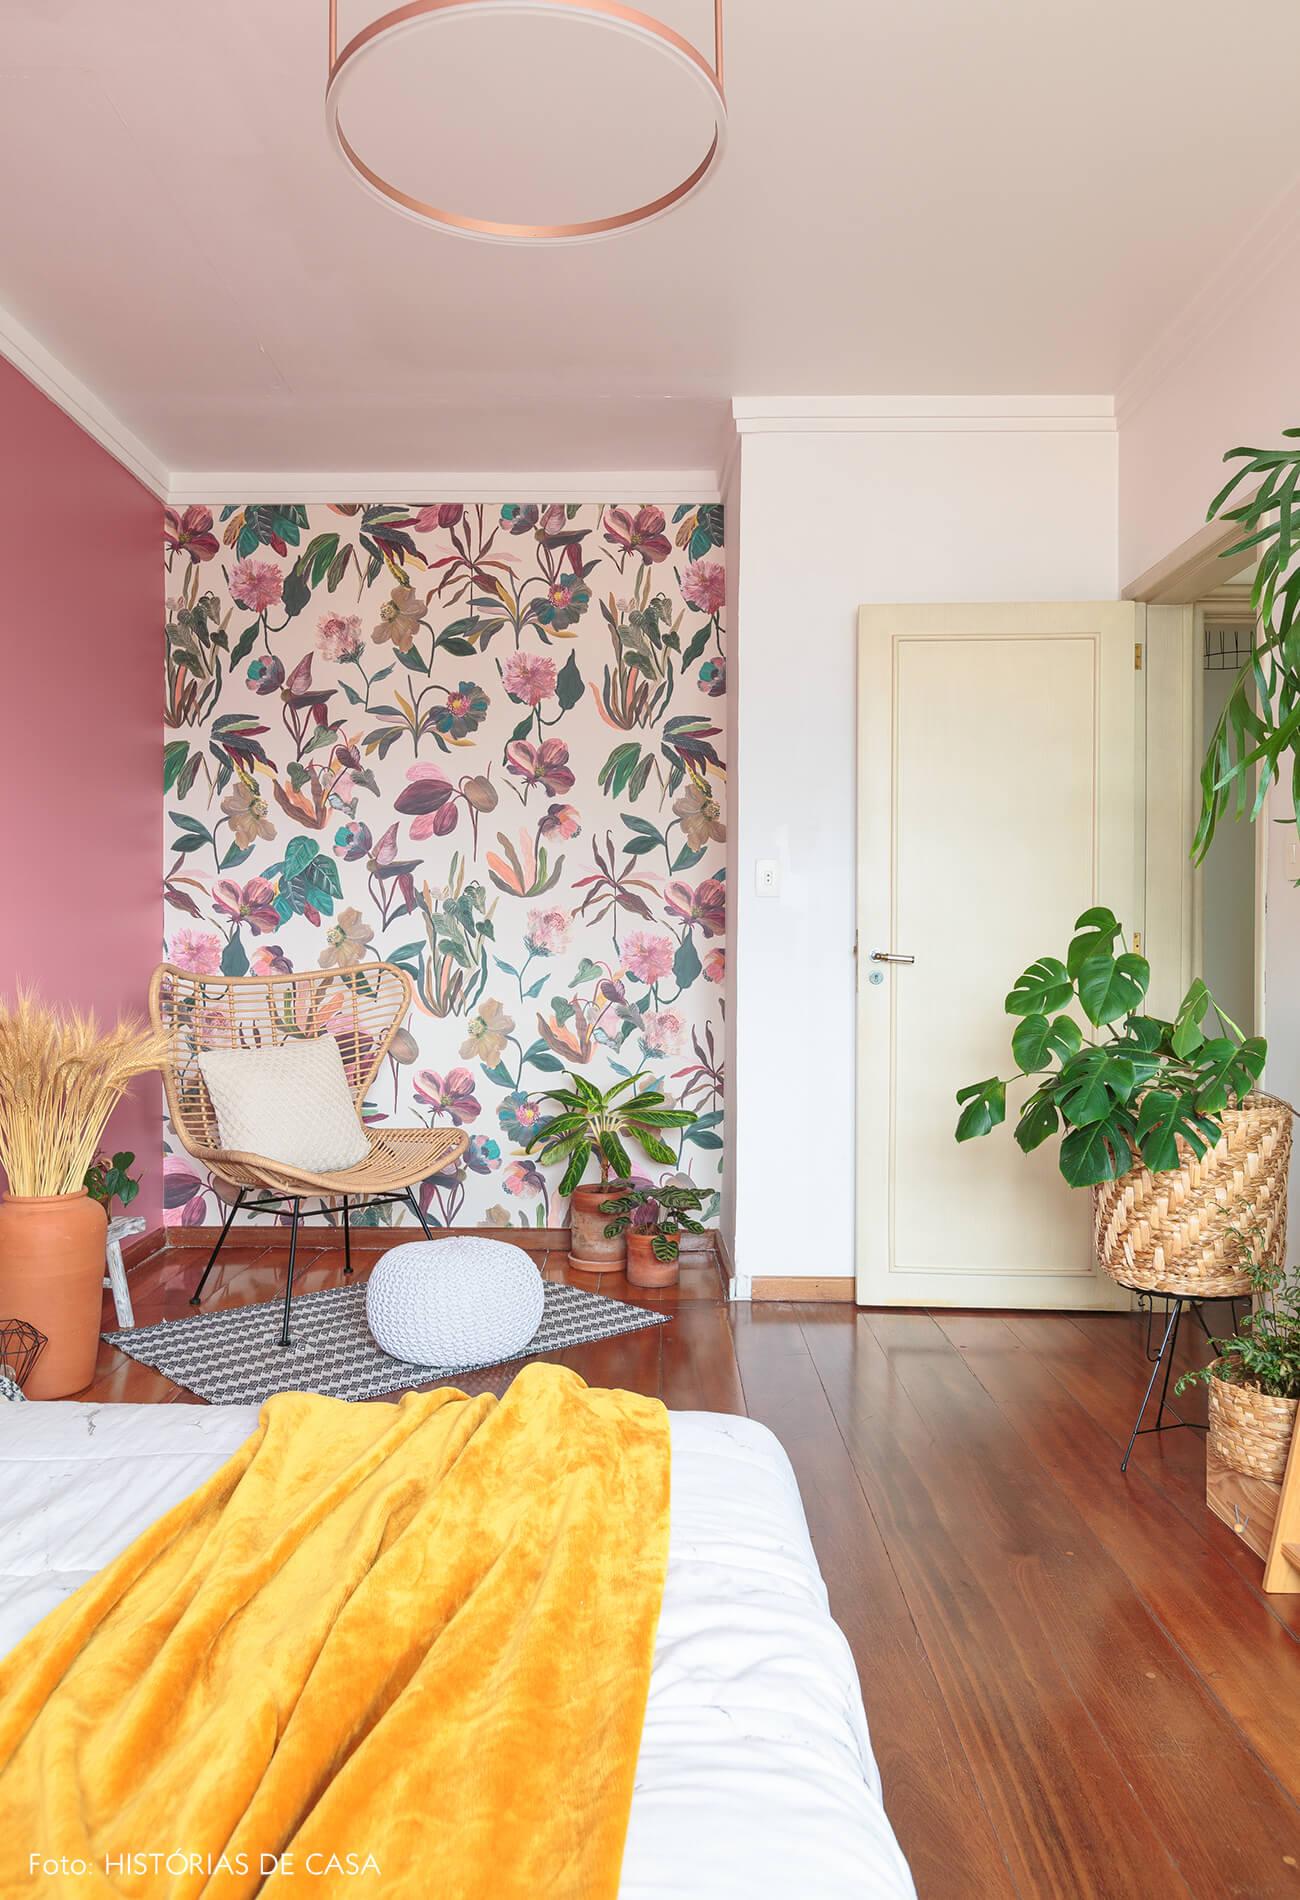 decoração quarto com parede rosa e papel de parede floral com cesto e plantas